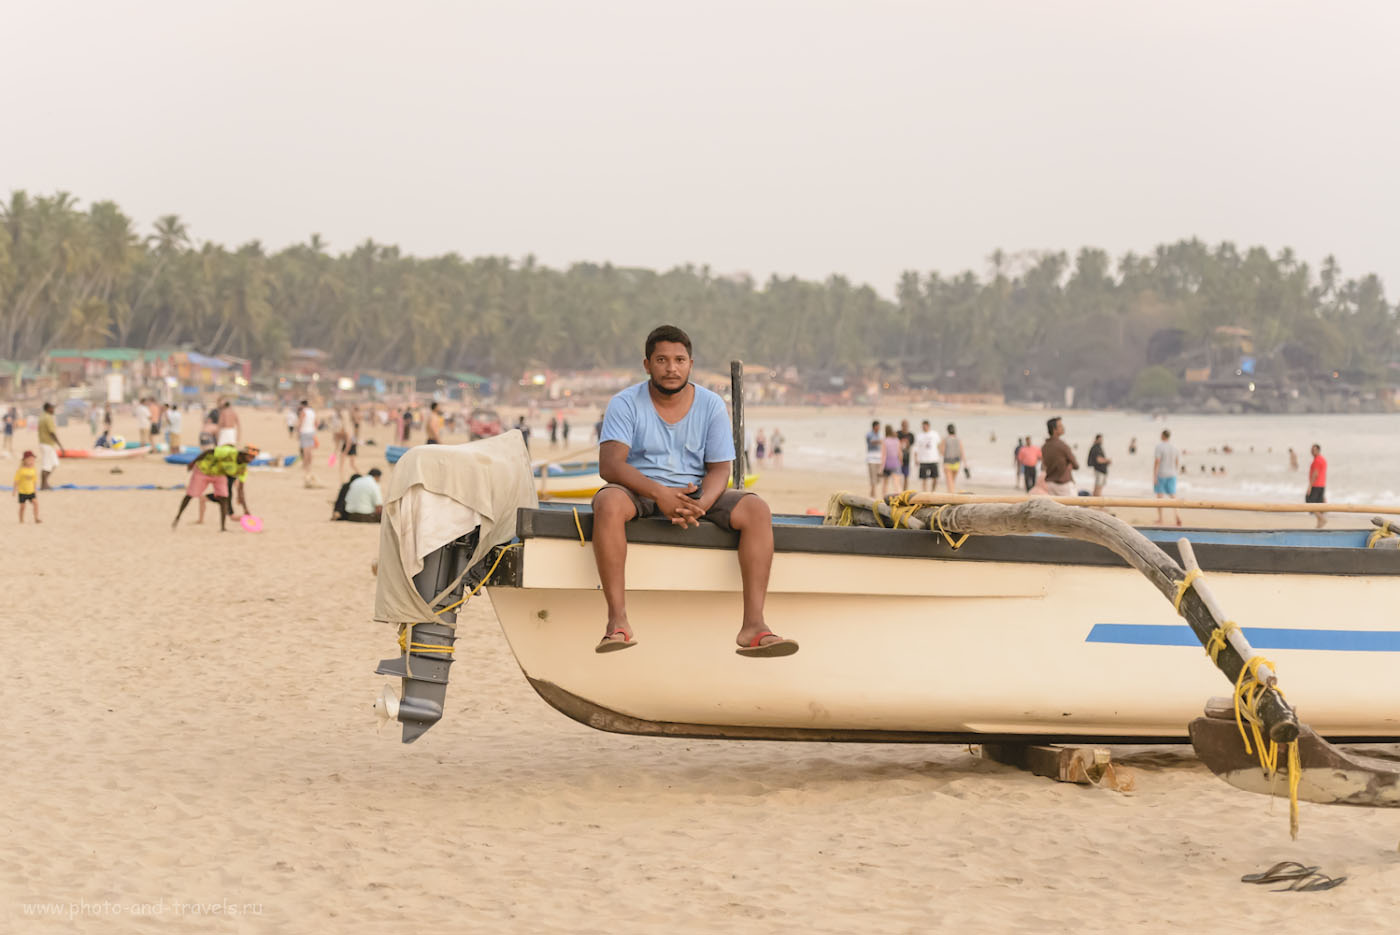 Фото 17. Индия. Отзывы об отдыхе в Гоа. Пляж Палолем вечером. 1/250, +0.67, 4.0, 4500, 110.